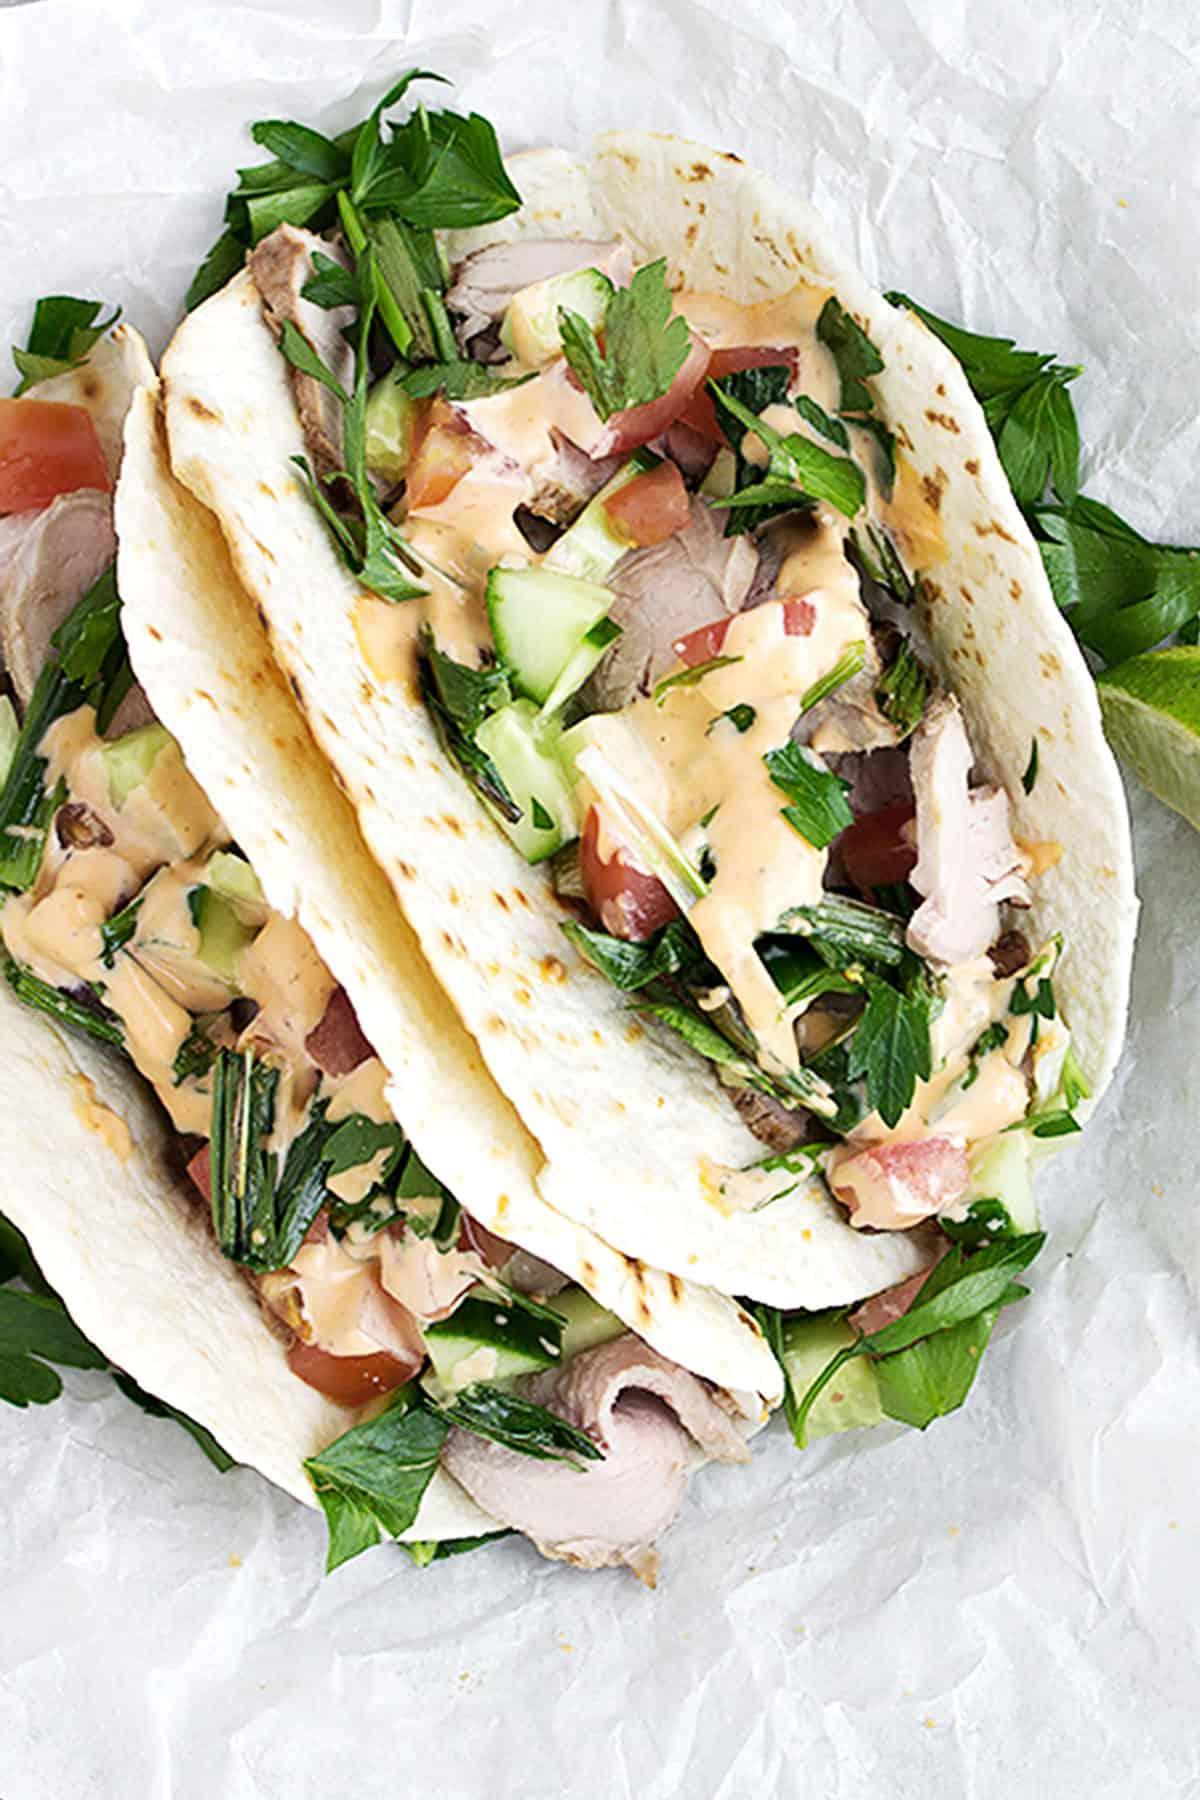 Asian pork tacos on parchment